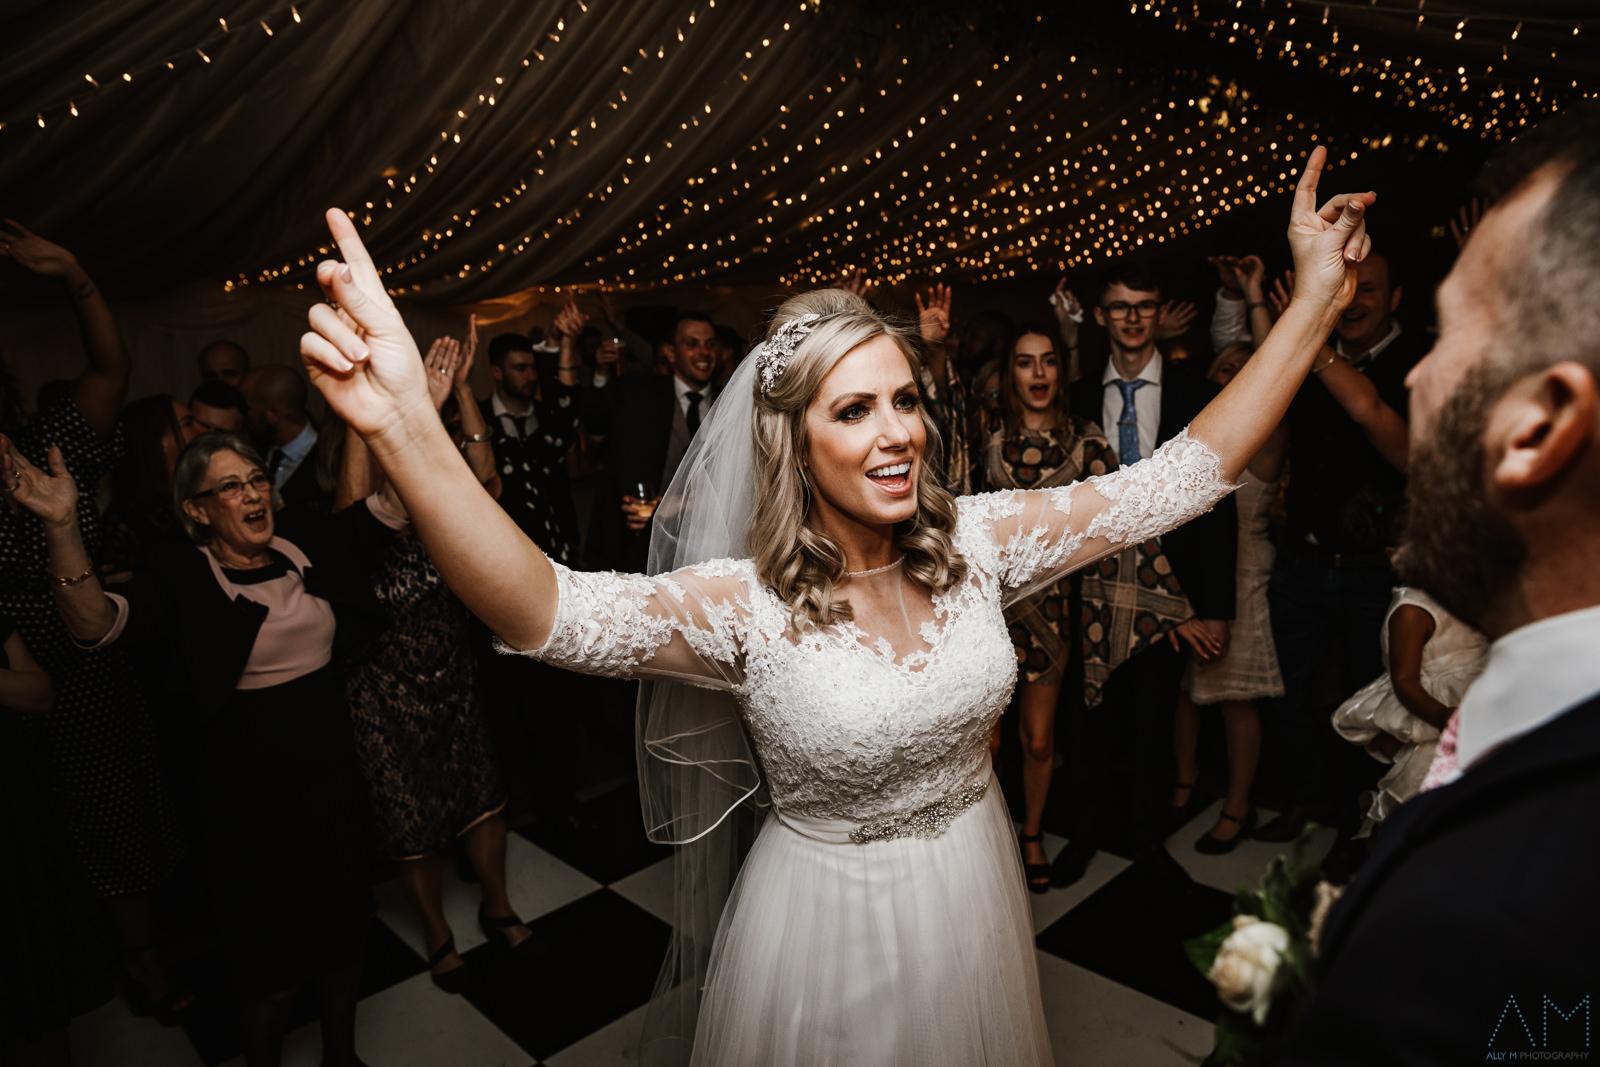 Bride dancing wih her groom